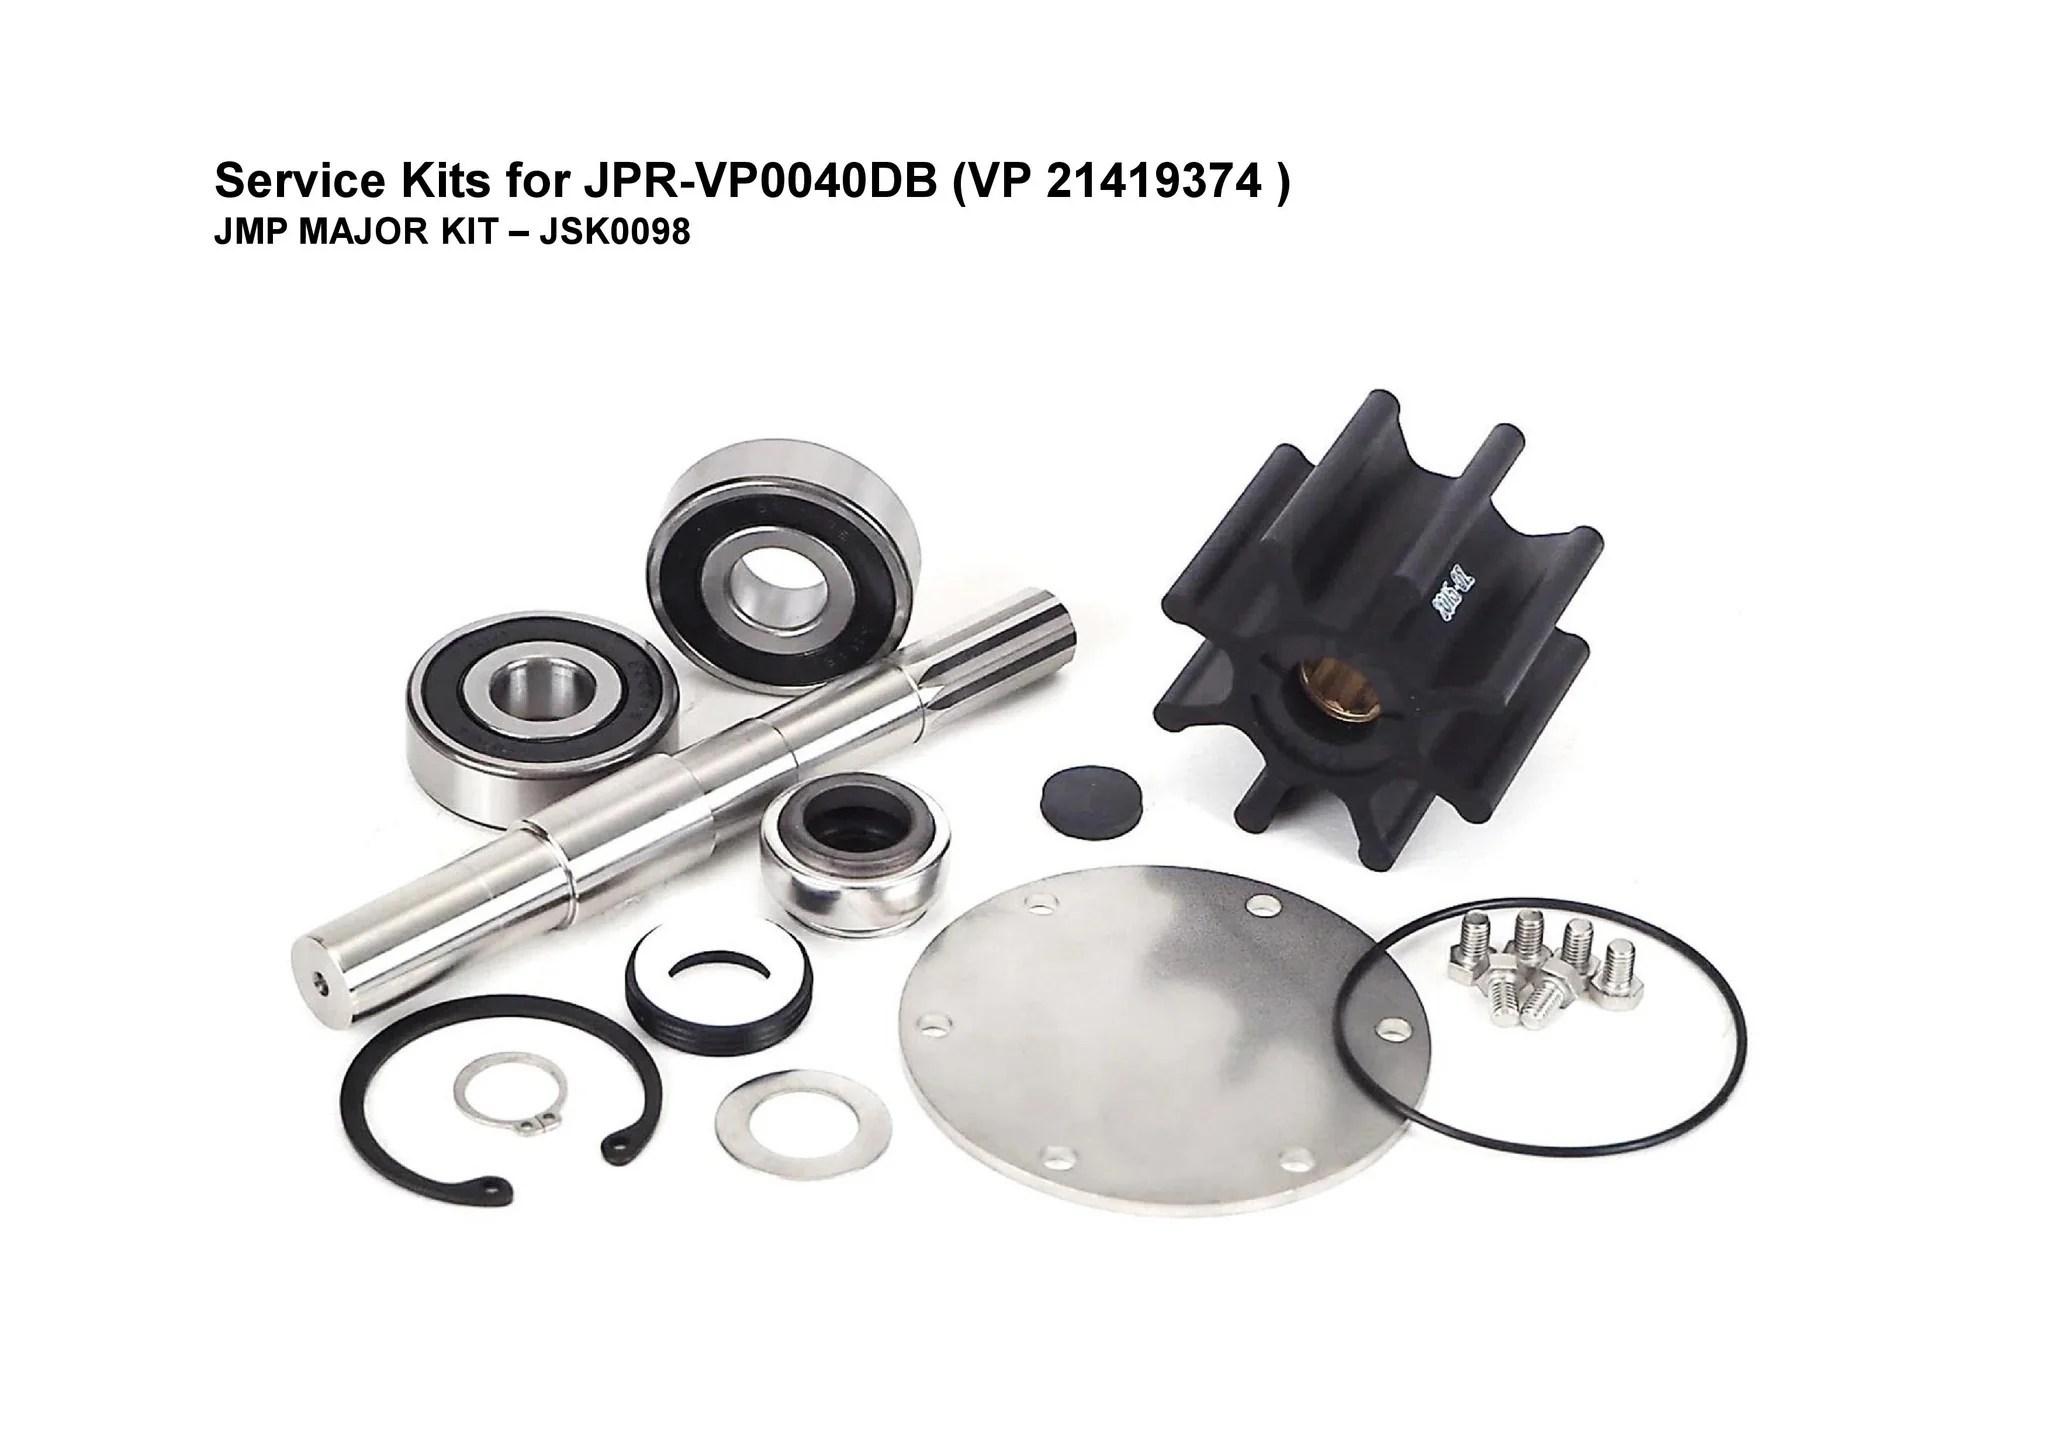 hight resolution of jmp jsk0098 major kit for jmp pump jpr vp0040db 21419374 fits volvo penta engines d4 225a e d4 260a e d4 260d e d4 300a e d4 300d e